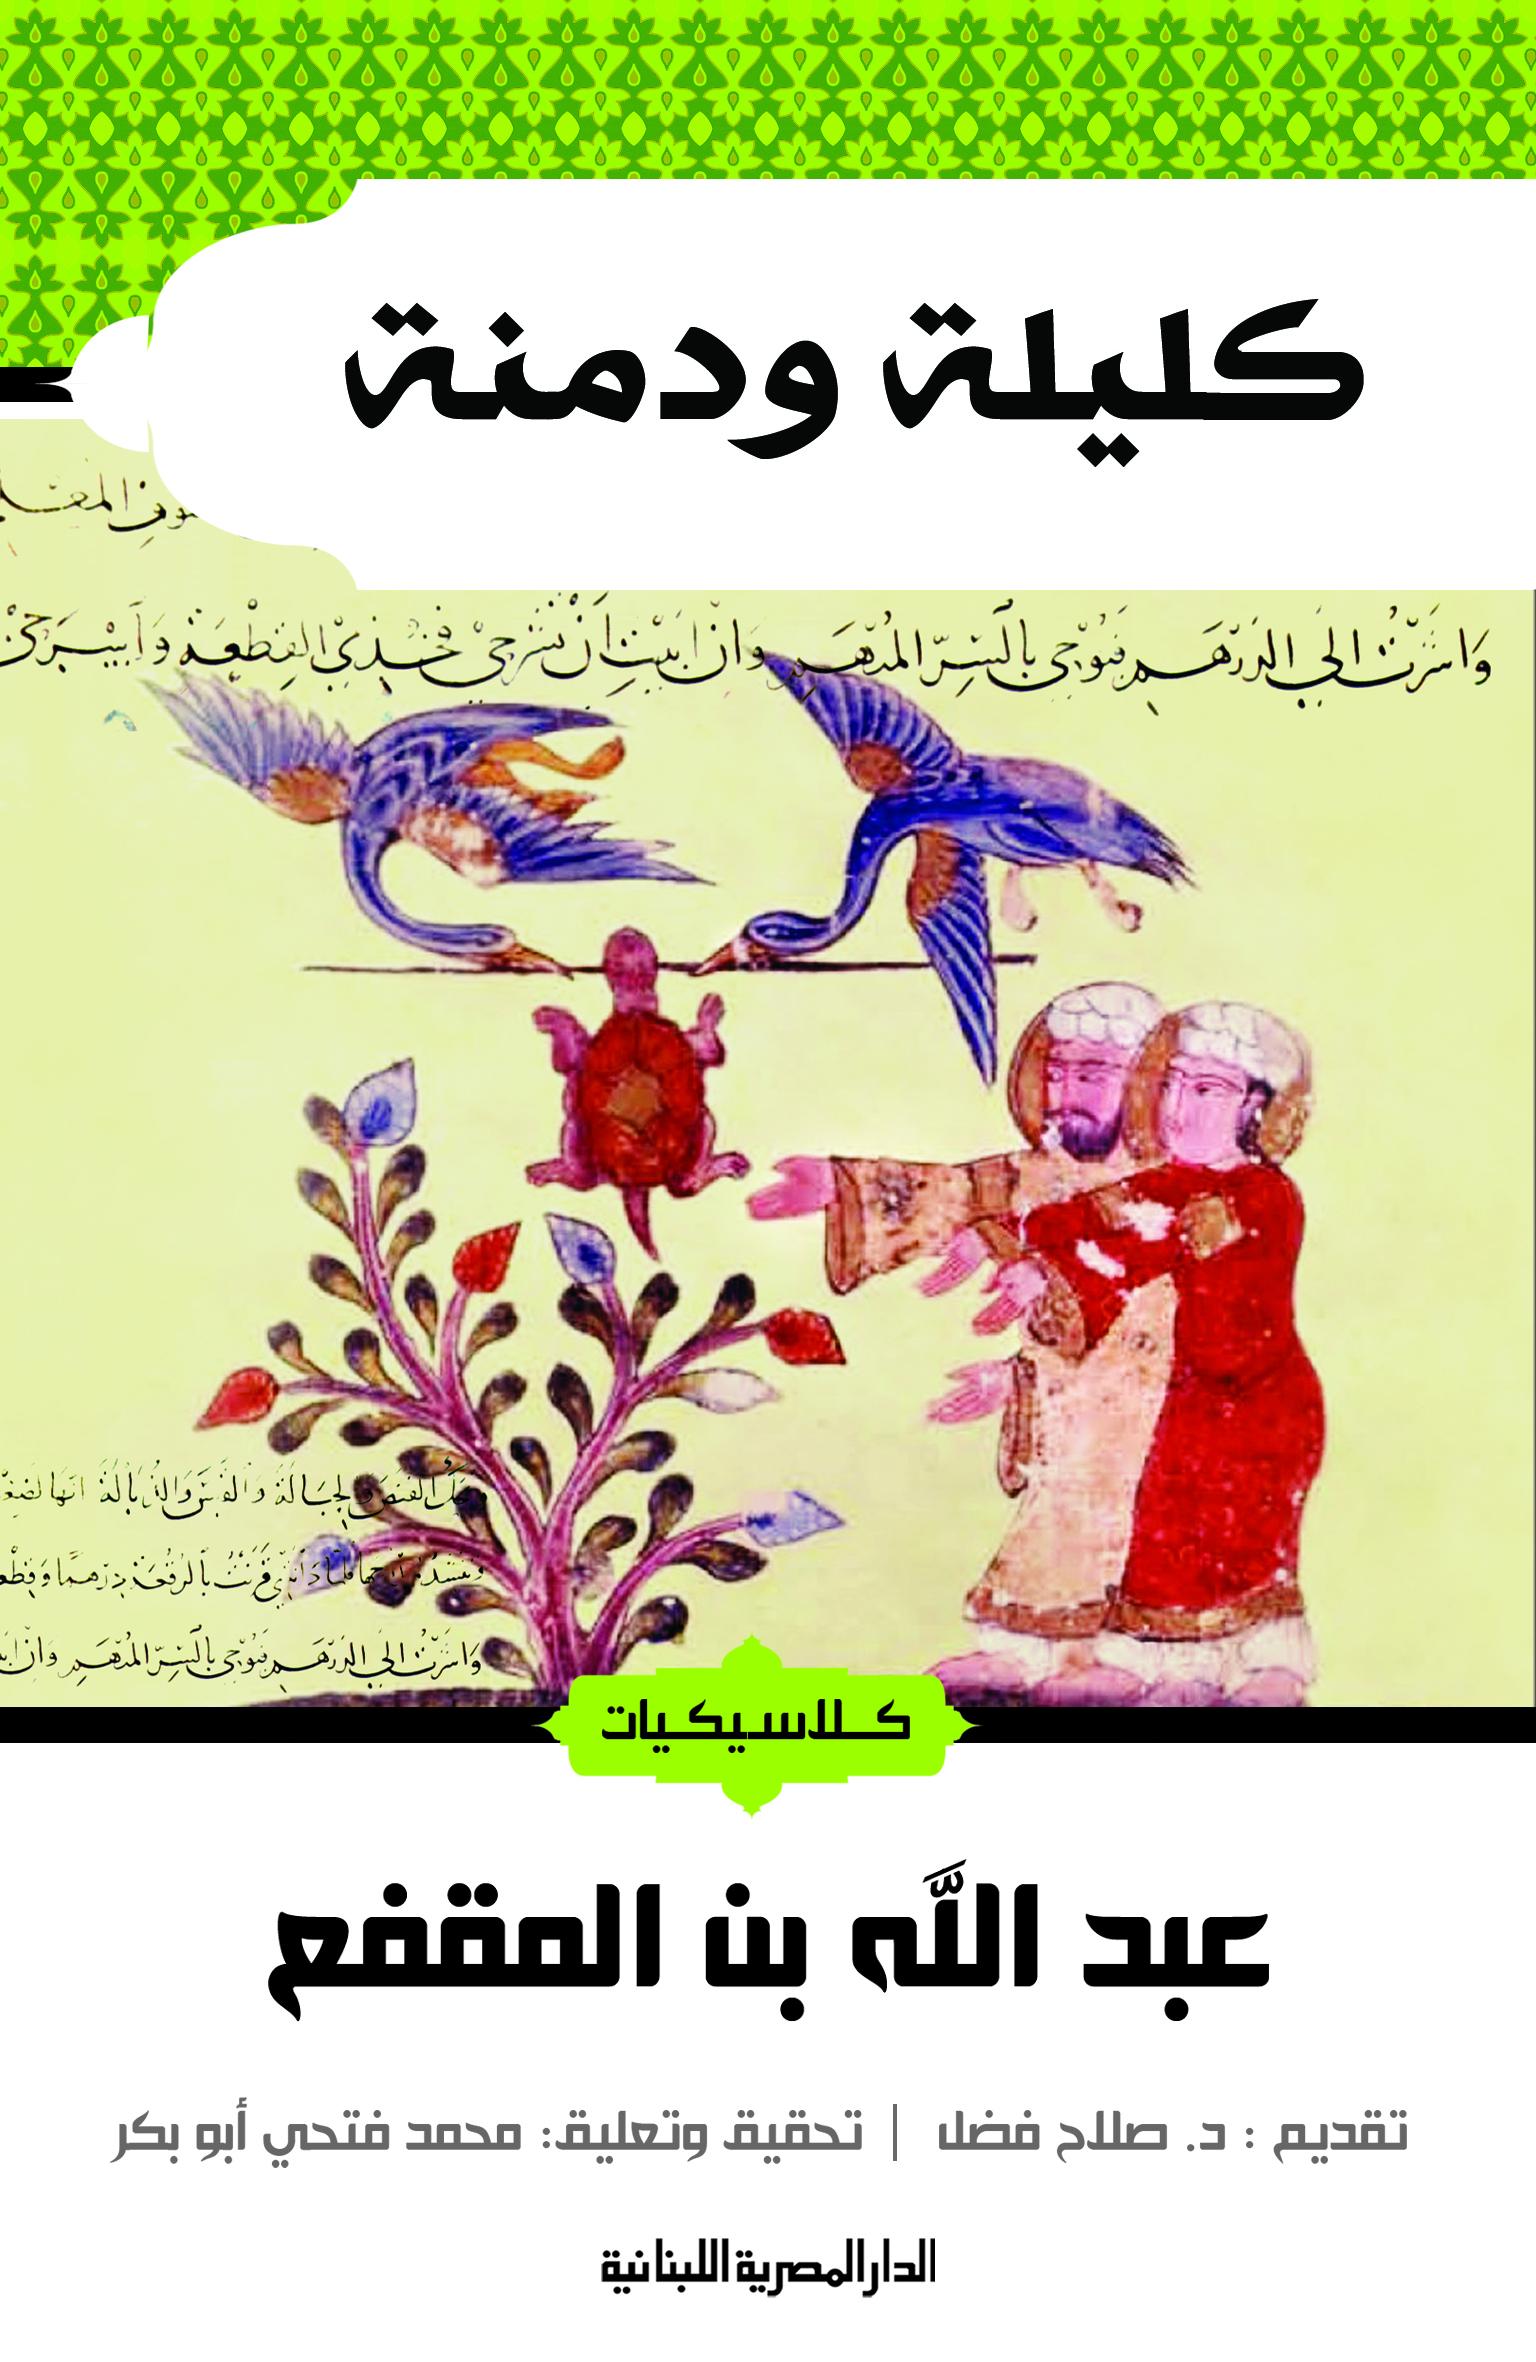 اسم كتاب كليلة ودمنة قبل الترجمة